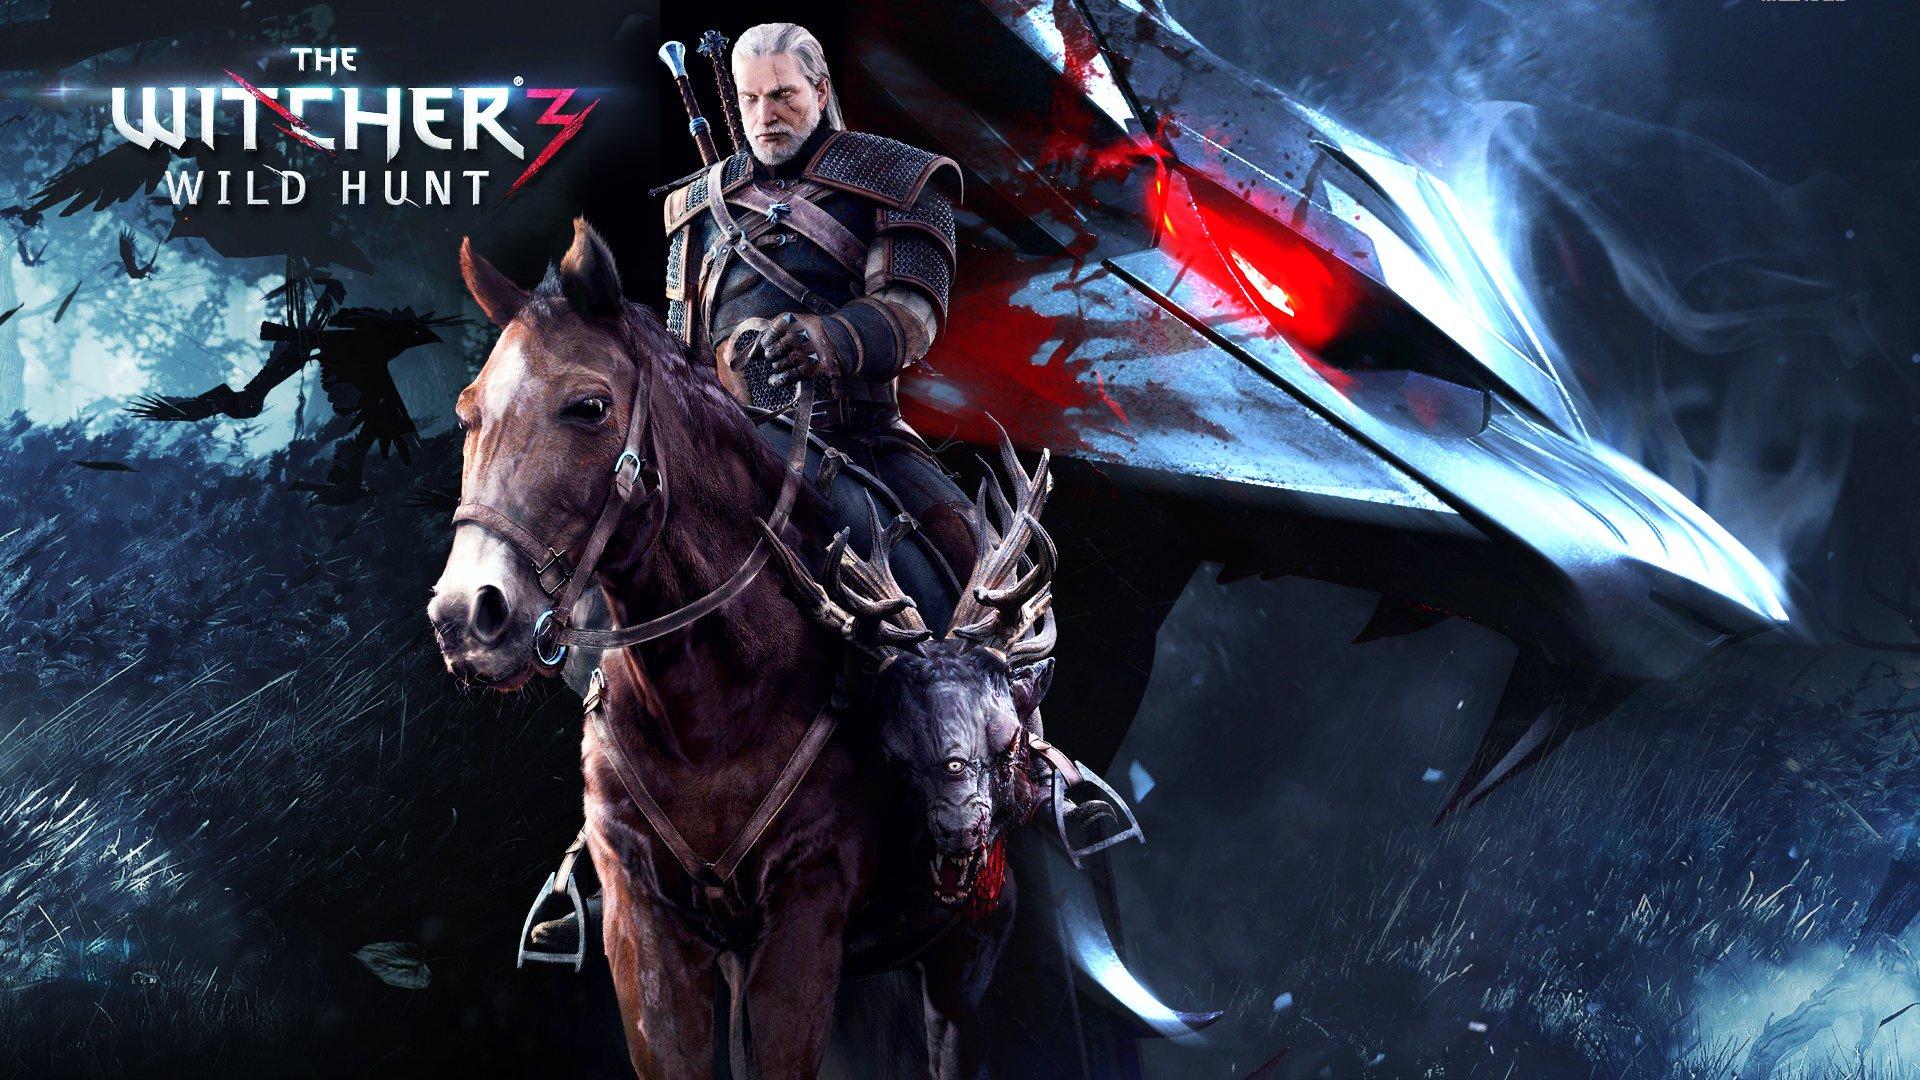 The Witcher 3: Wild Hunt. Комплект дополнений.    CD Projekt RED анонсировали два крупных дополнения для игры Hearts ... - Изображение 1